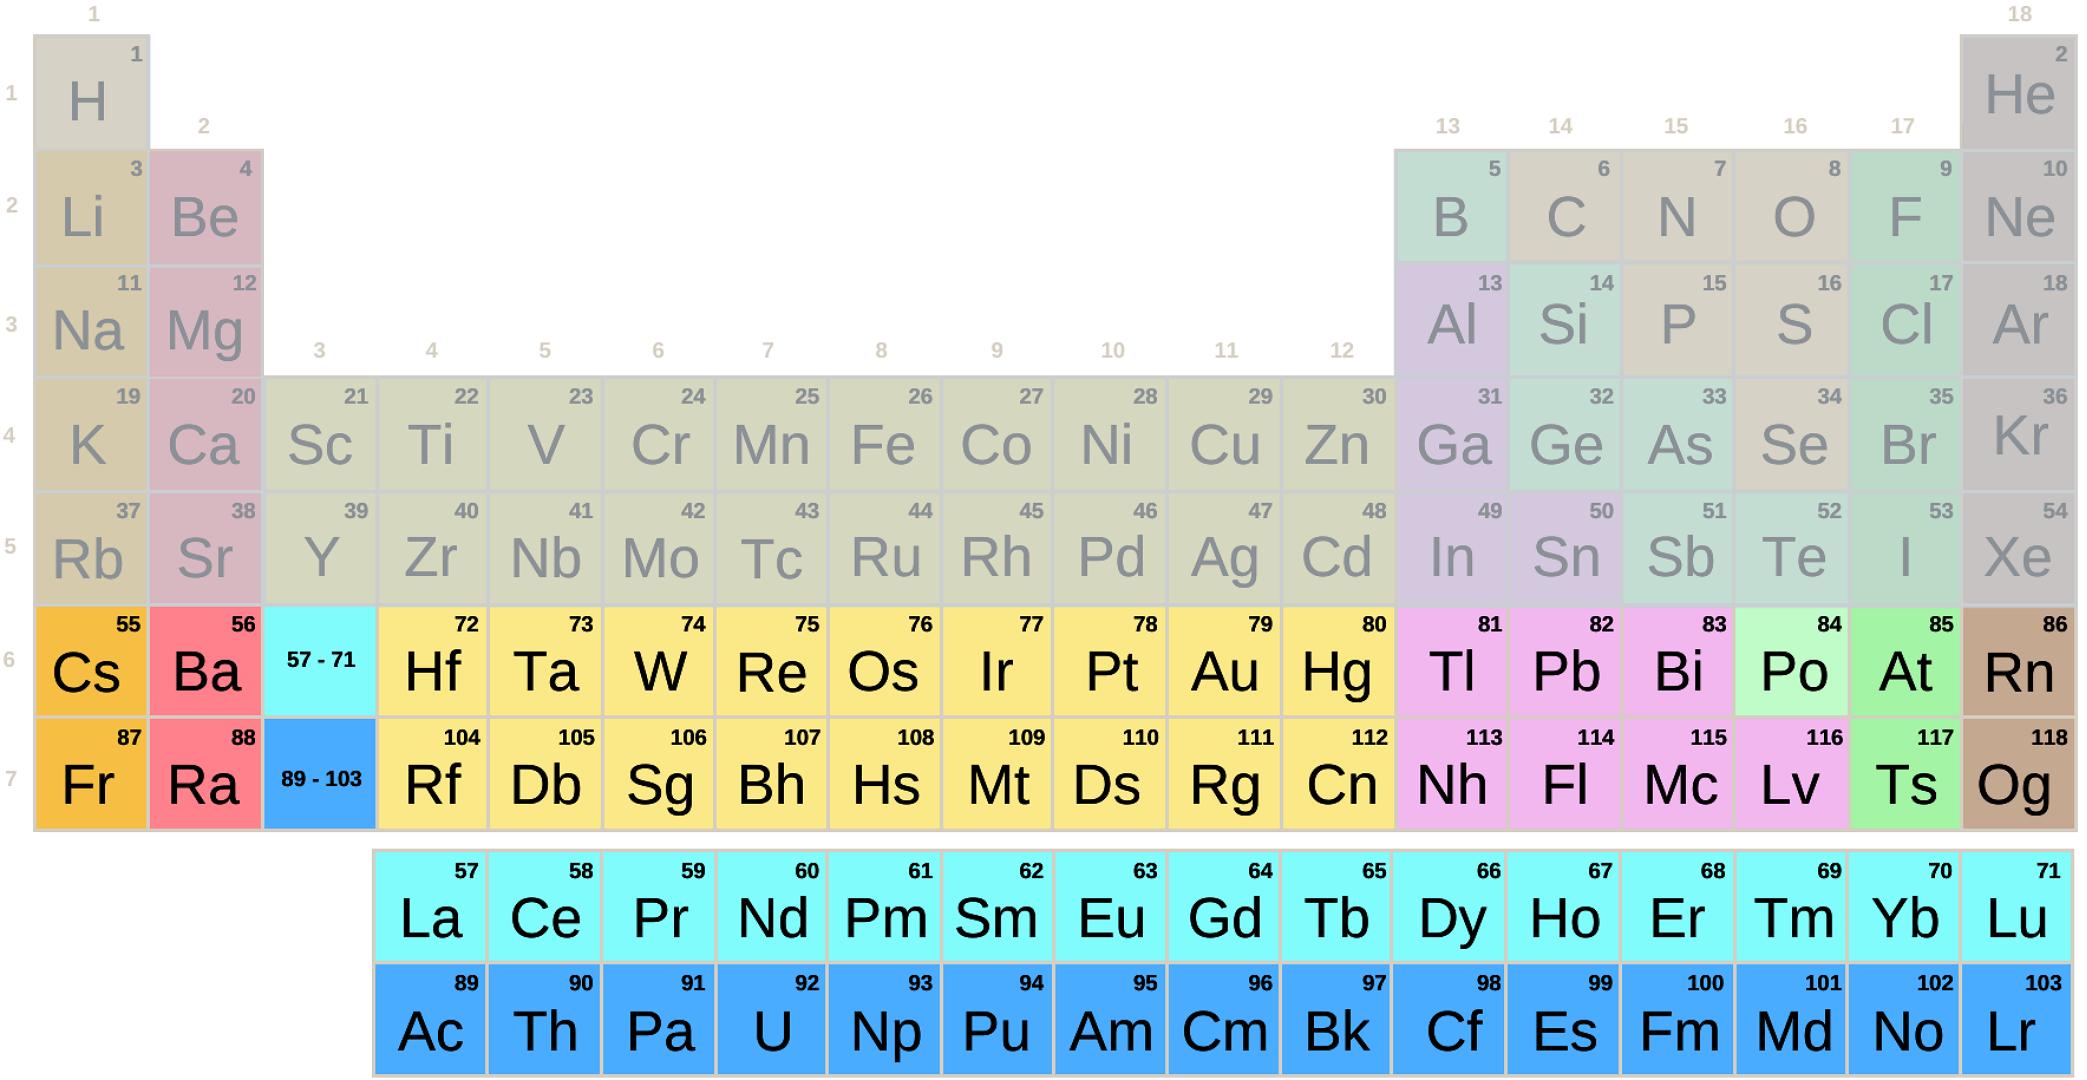 Taula periodikoa, 6. eta 7. aldiak sinboloekin (Bigarren Hezkuntza - Batxilergoa)